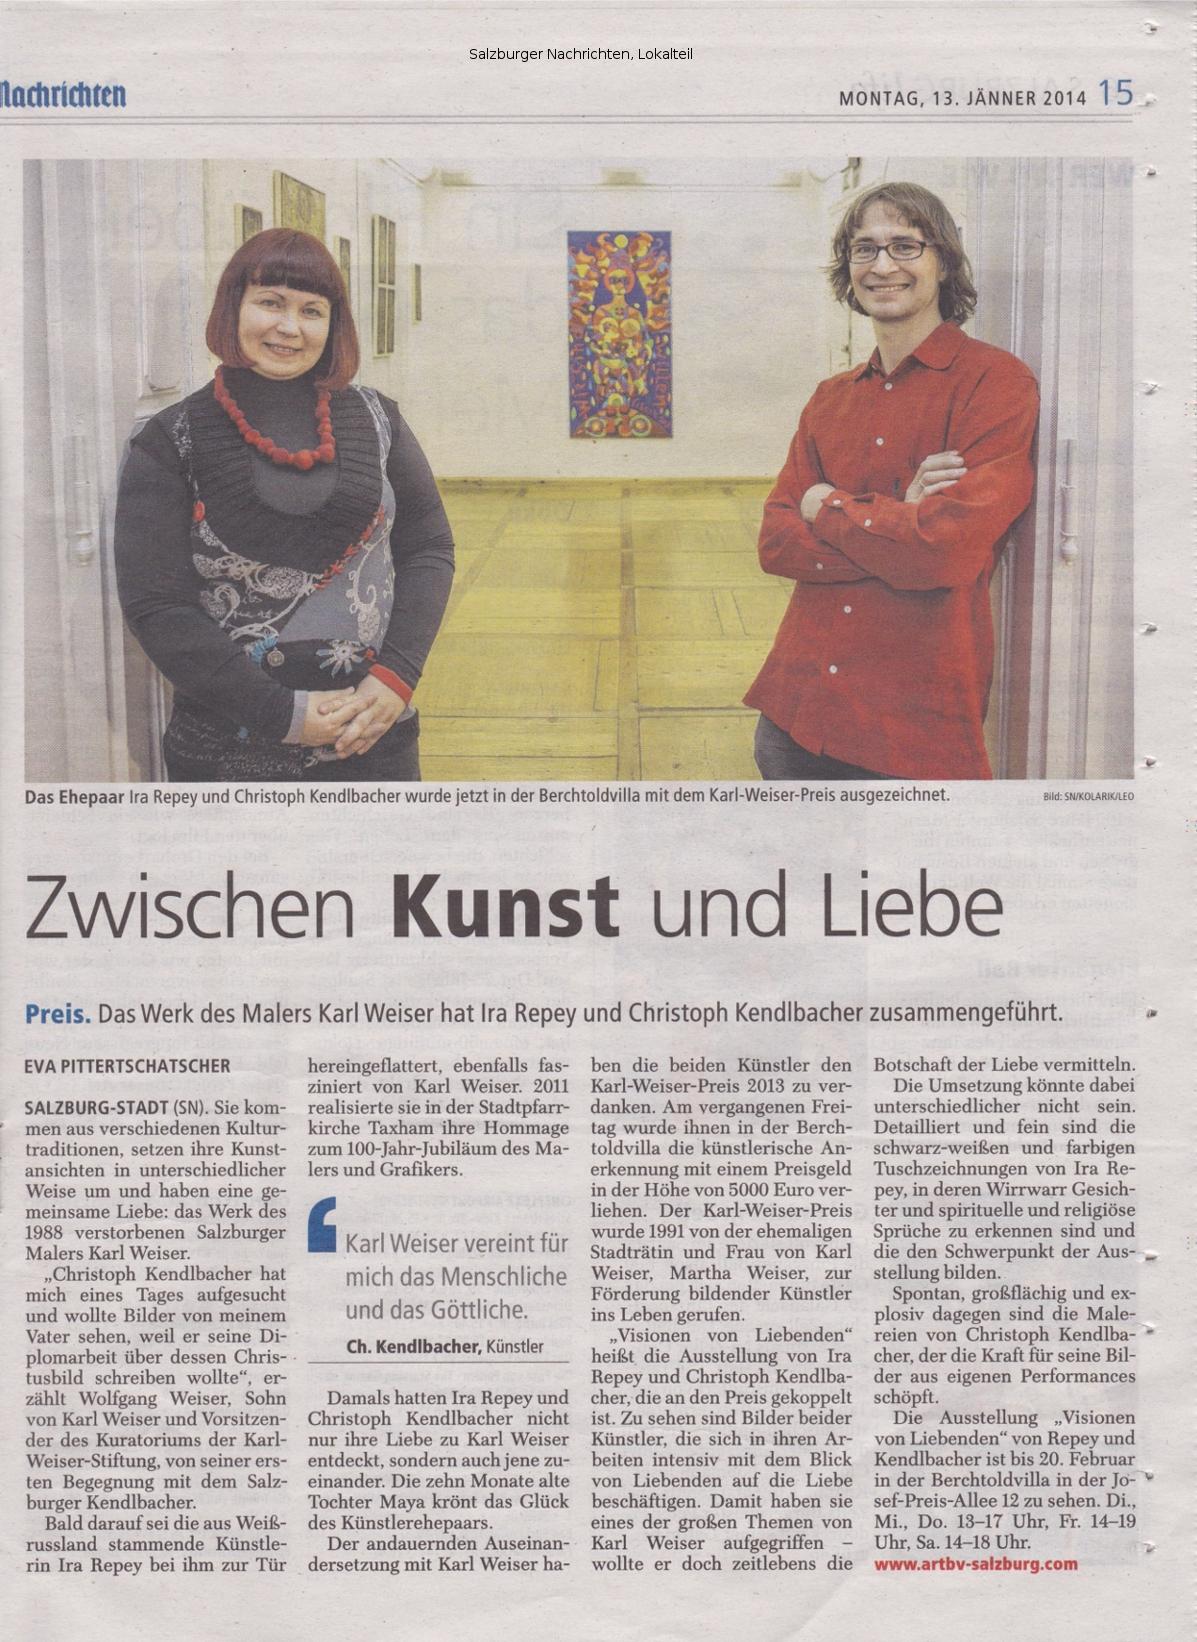 Salzburger Nachrichten, Lokales, Montag, 13. Jänner 2014, Seite 15